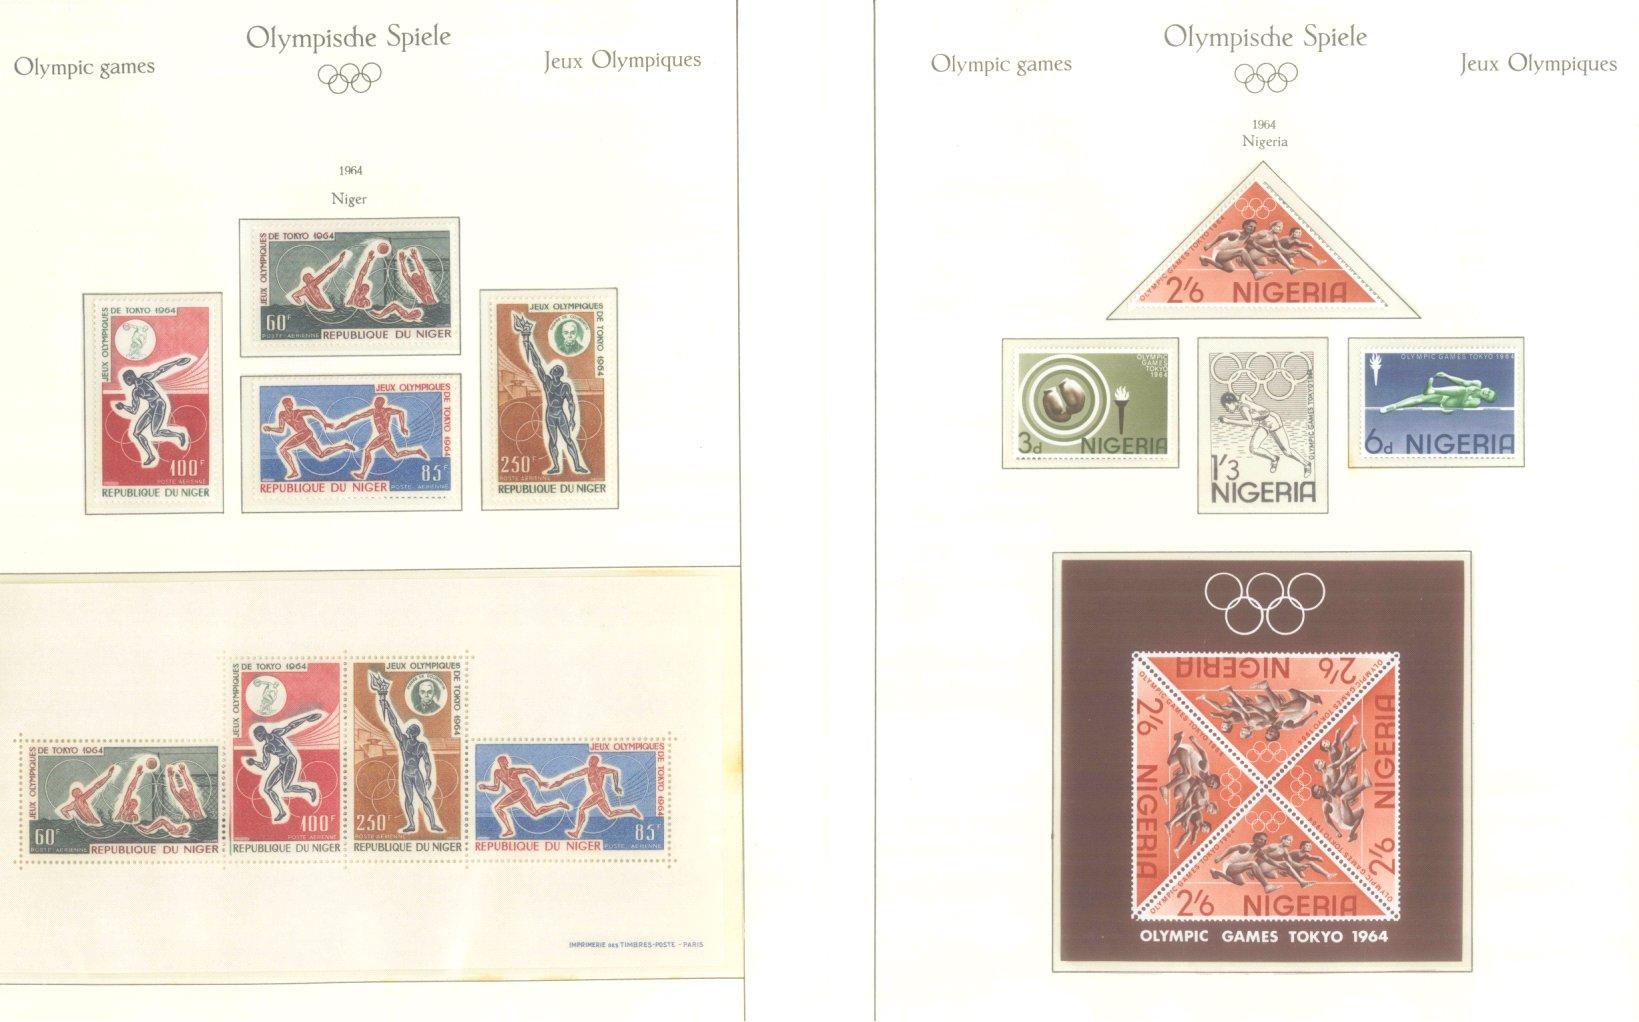 OLYMPISCHE SPIELE 1964 TOKIO, postfrische Sammlung Teil 1-50